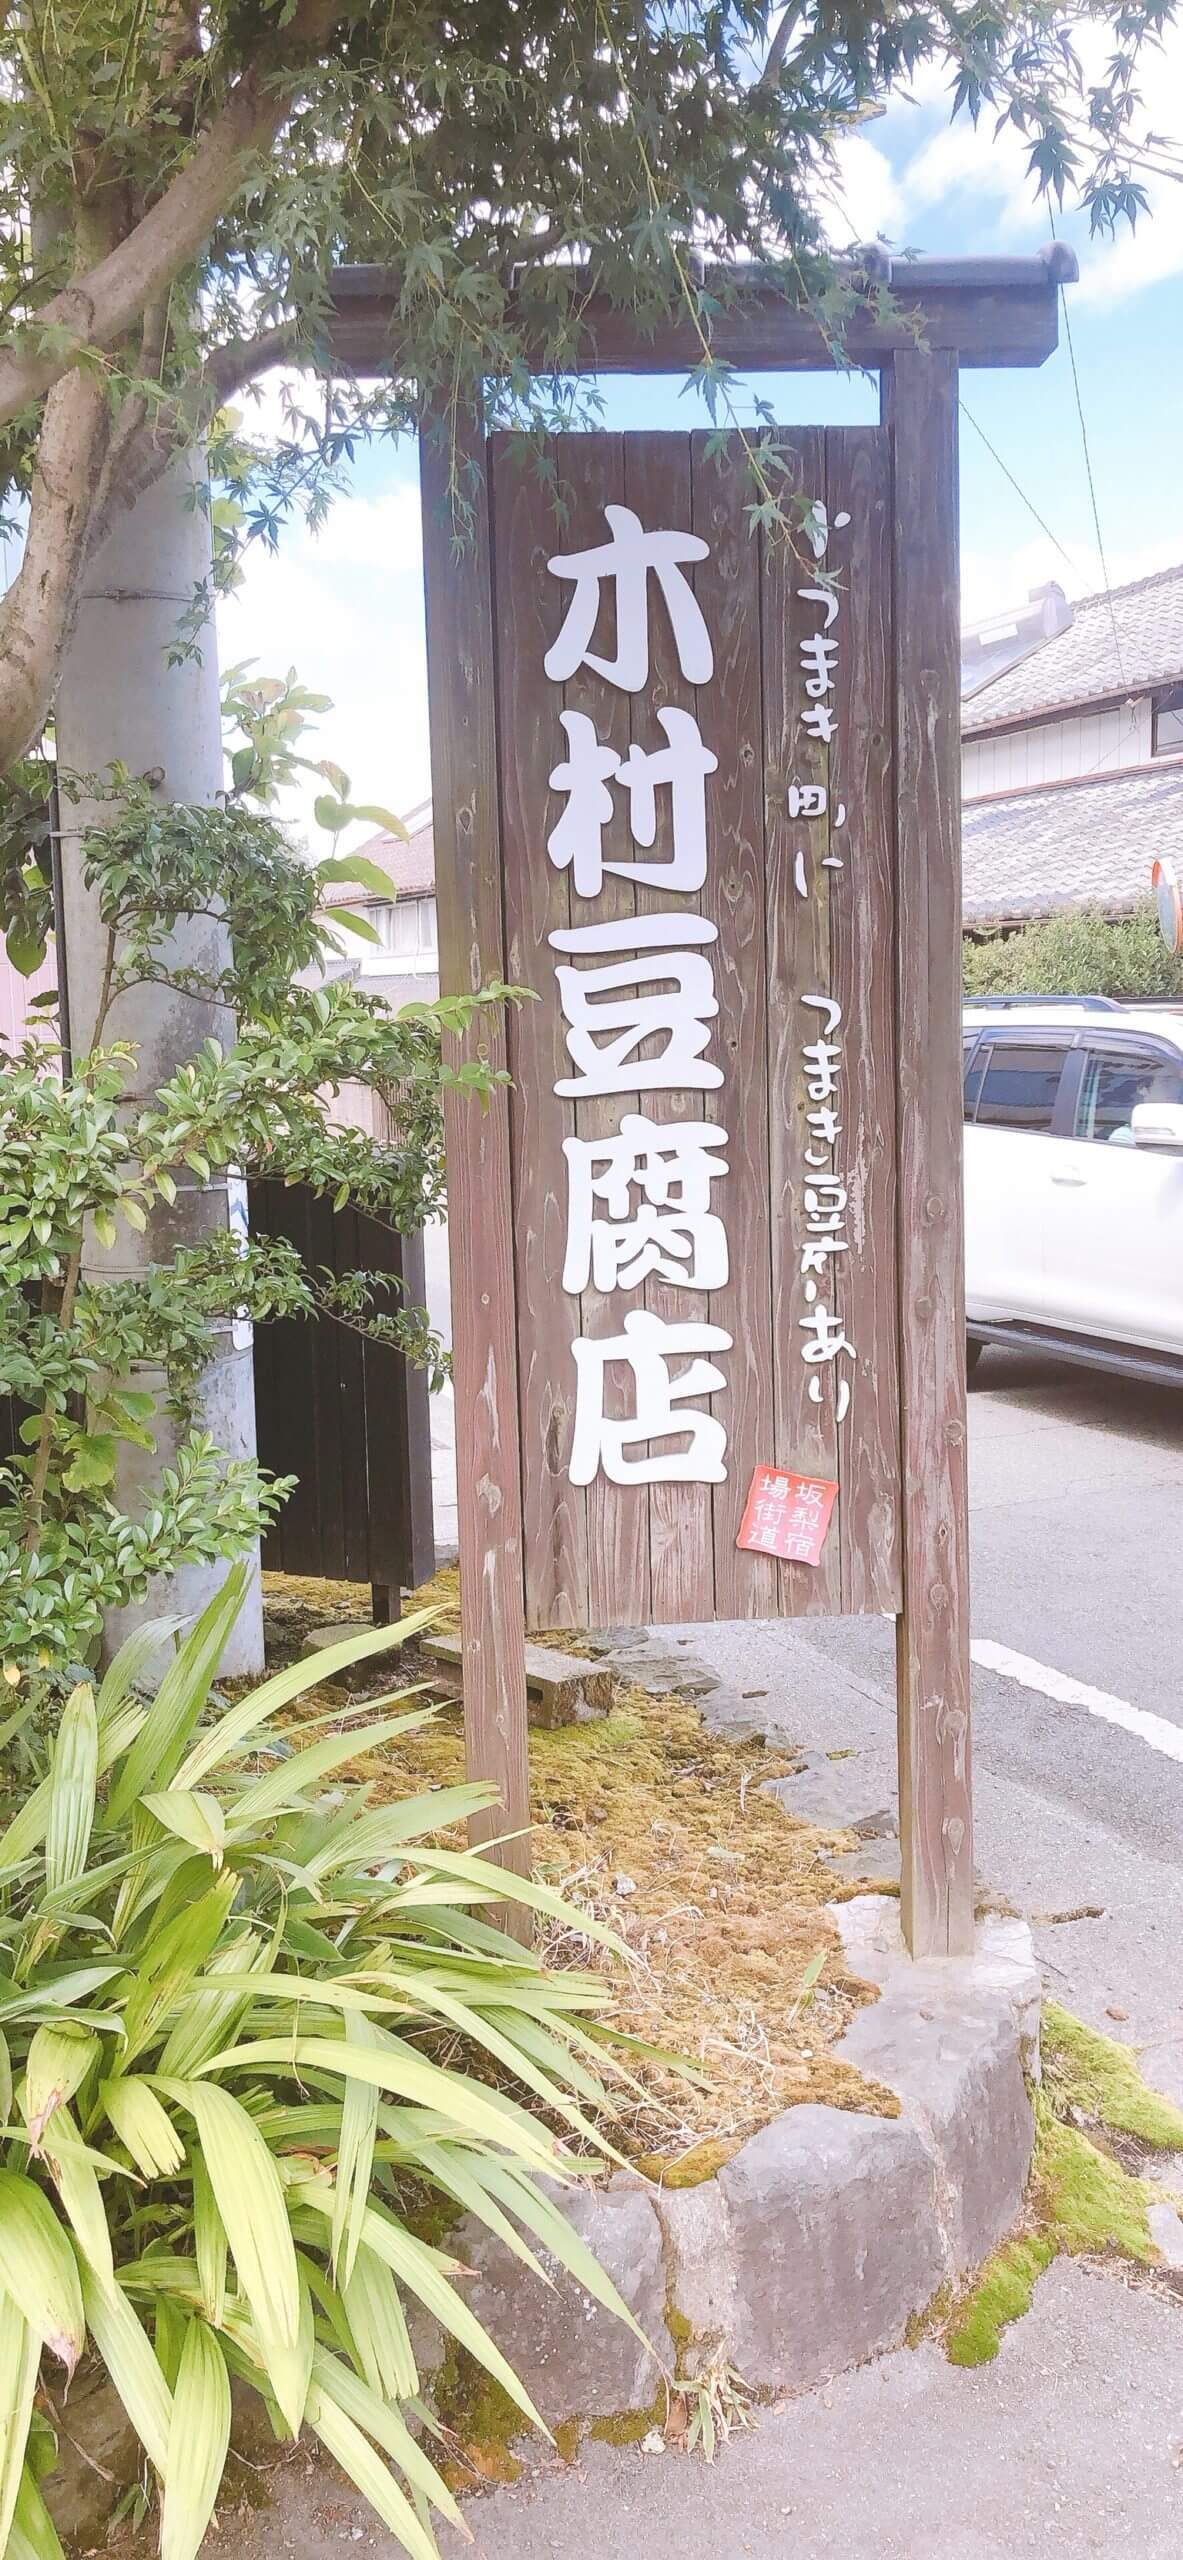 【木村とうふ店】懐かしい街並みにある人気の豆腐店《阿蘇市一の宮》